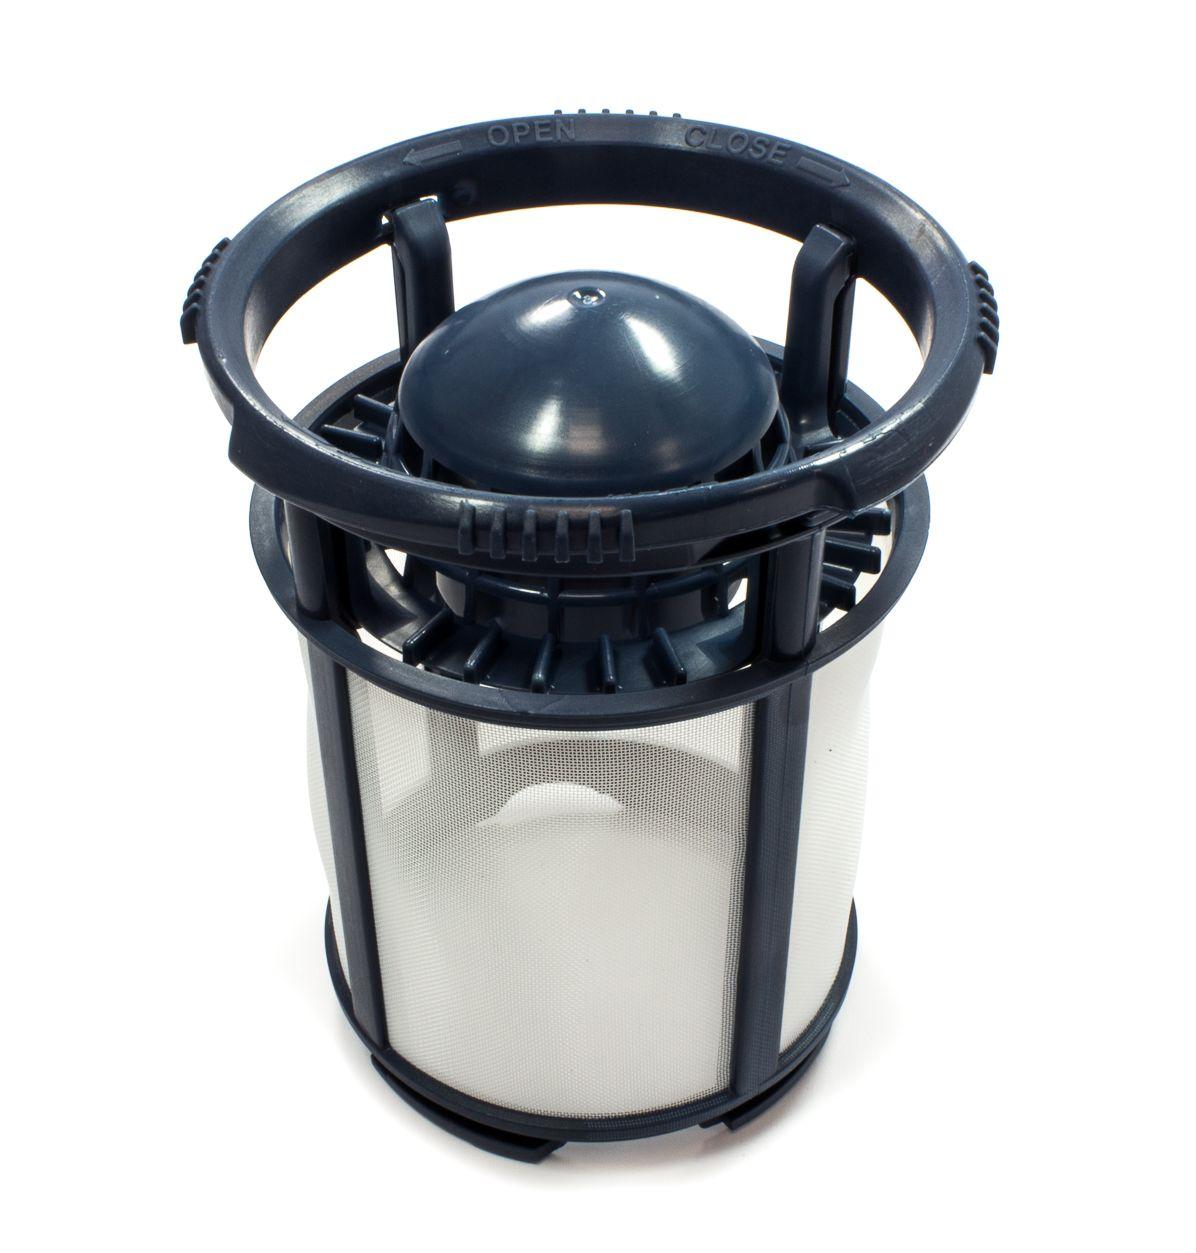 filtr myčka Whirlpool - 481248058407